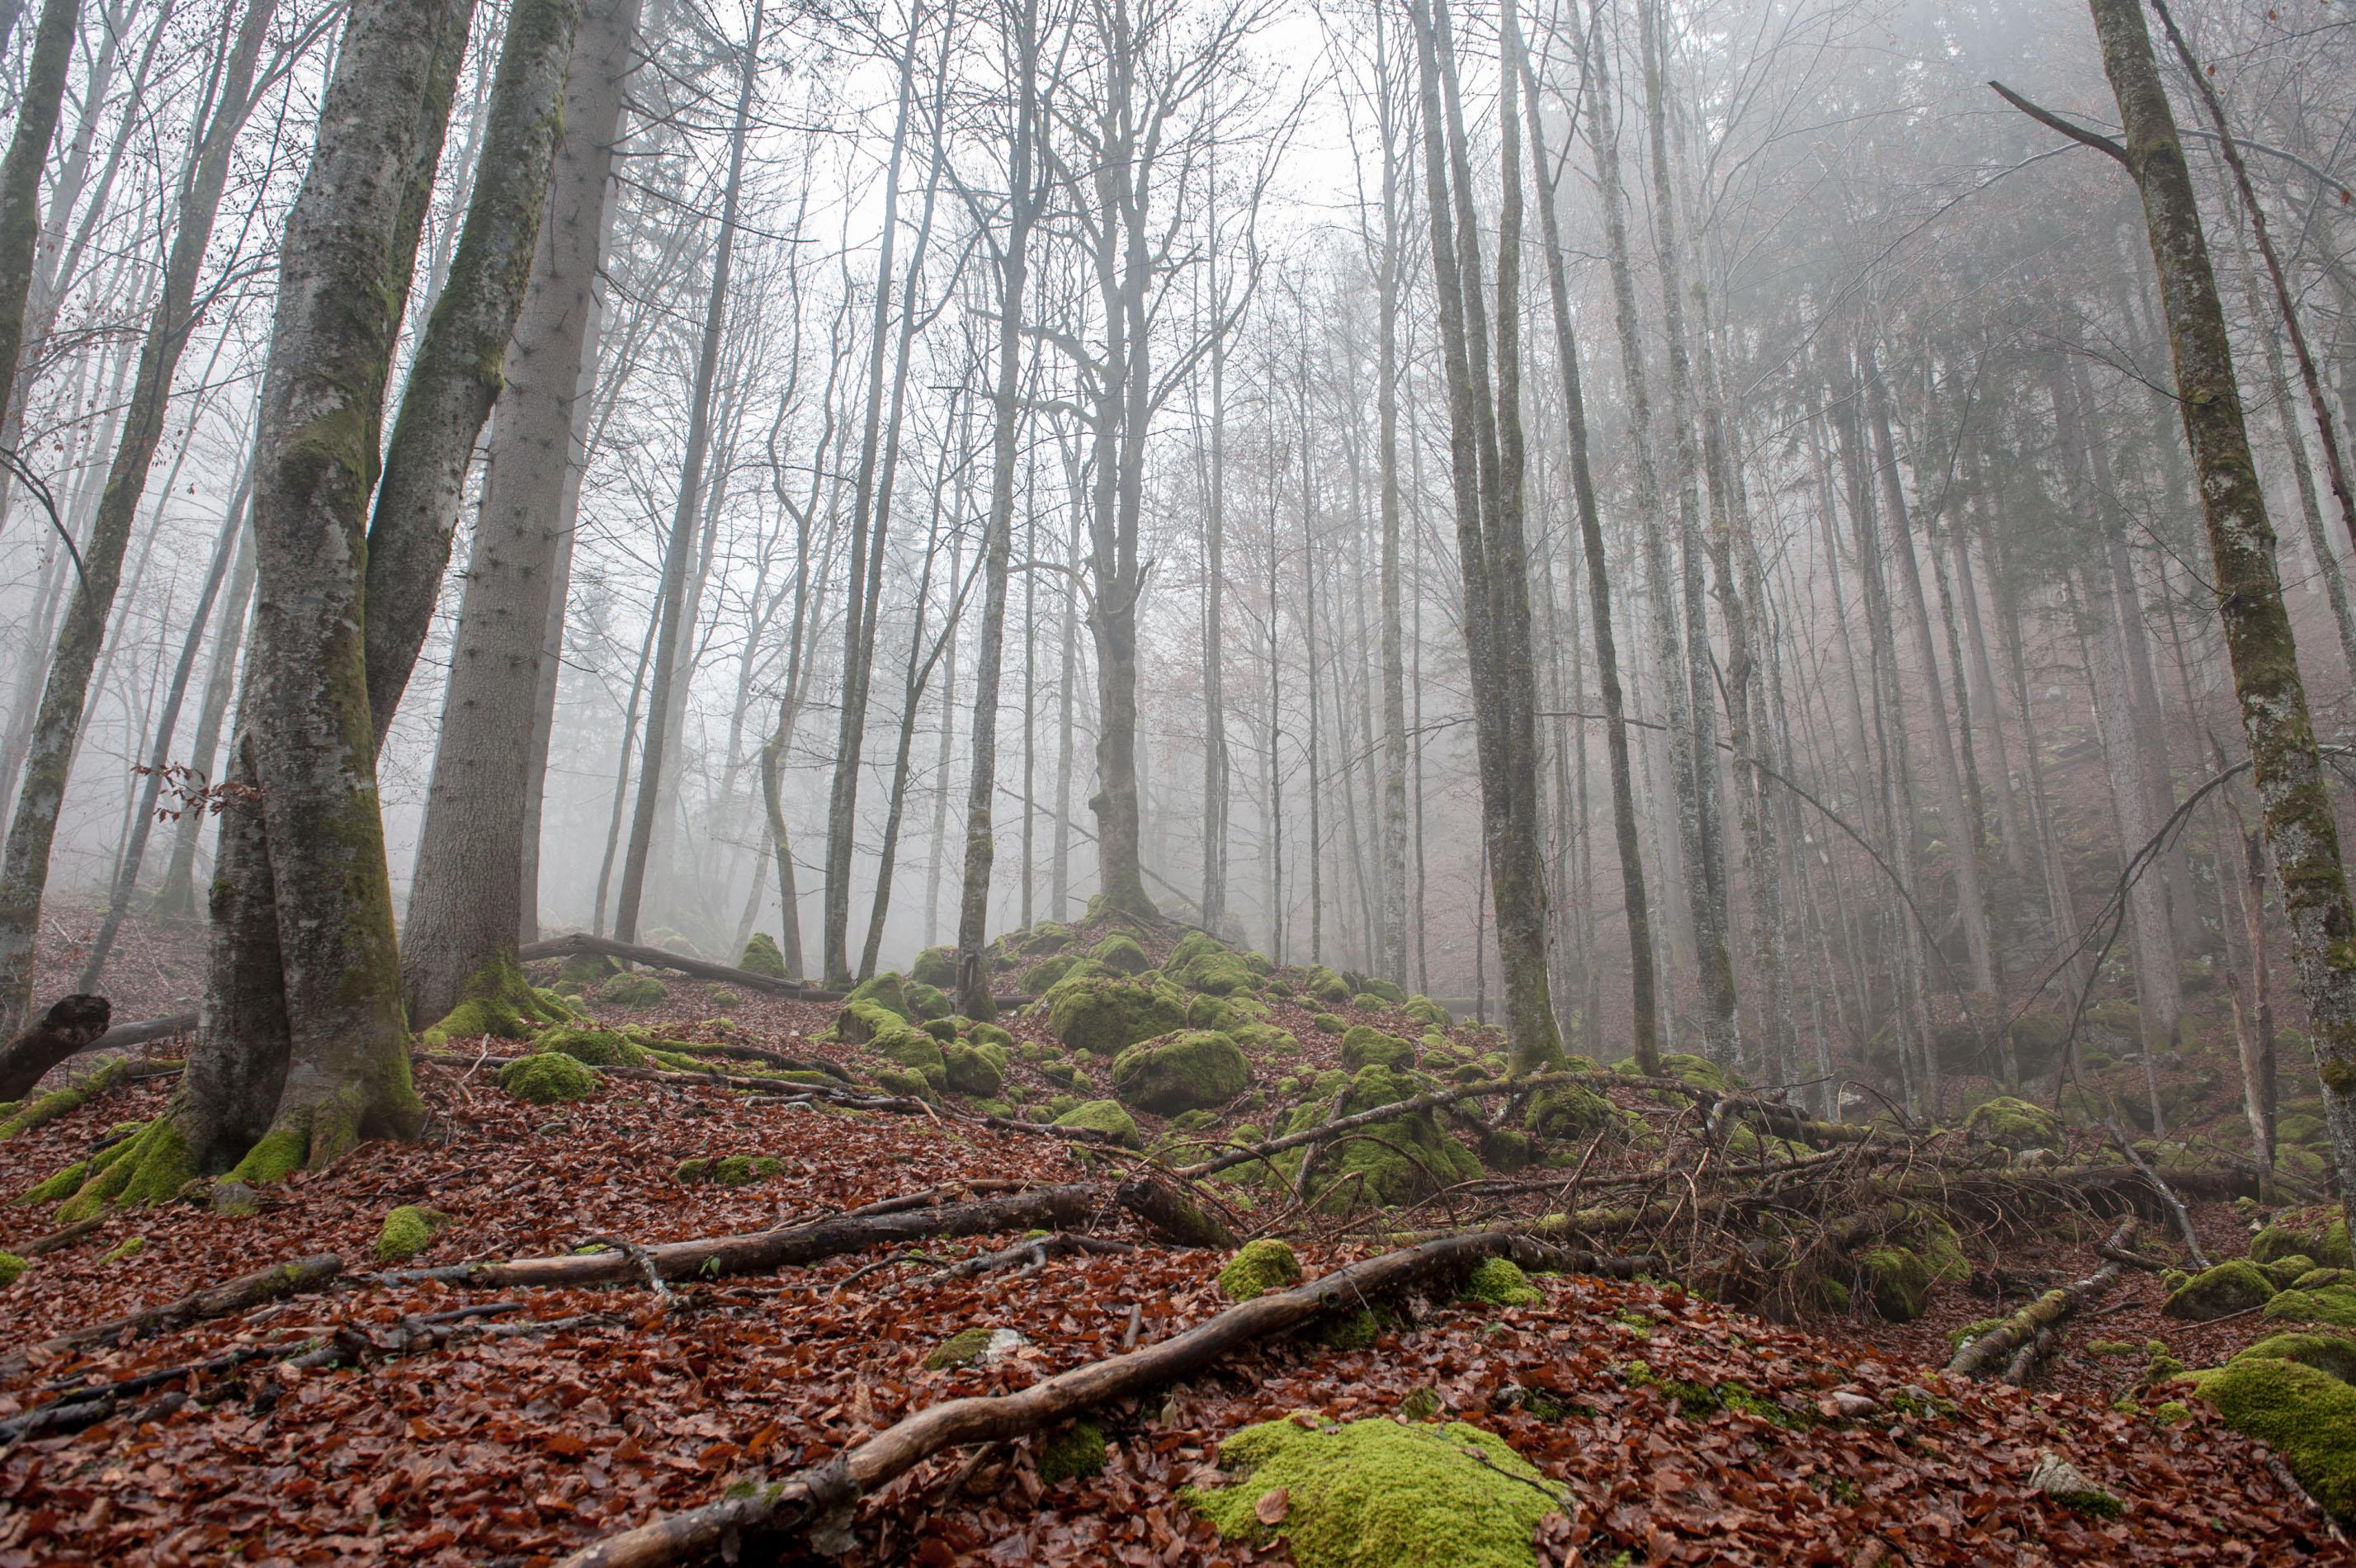 Gruselige Stimmung im nebligen Wald